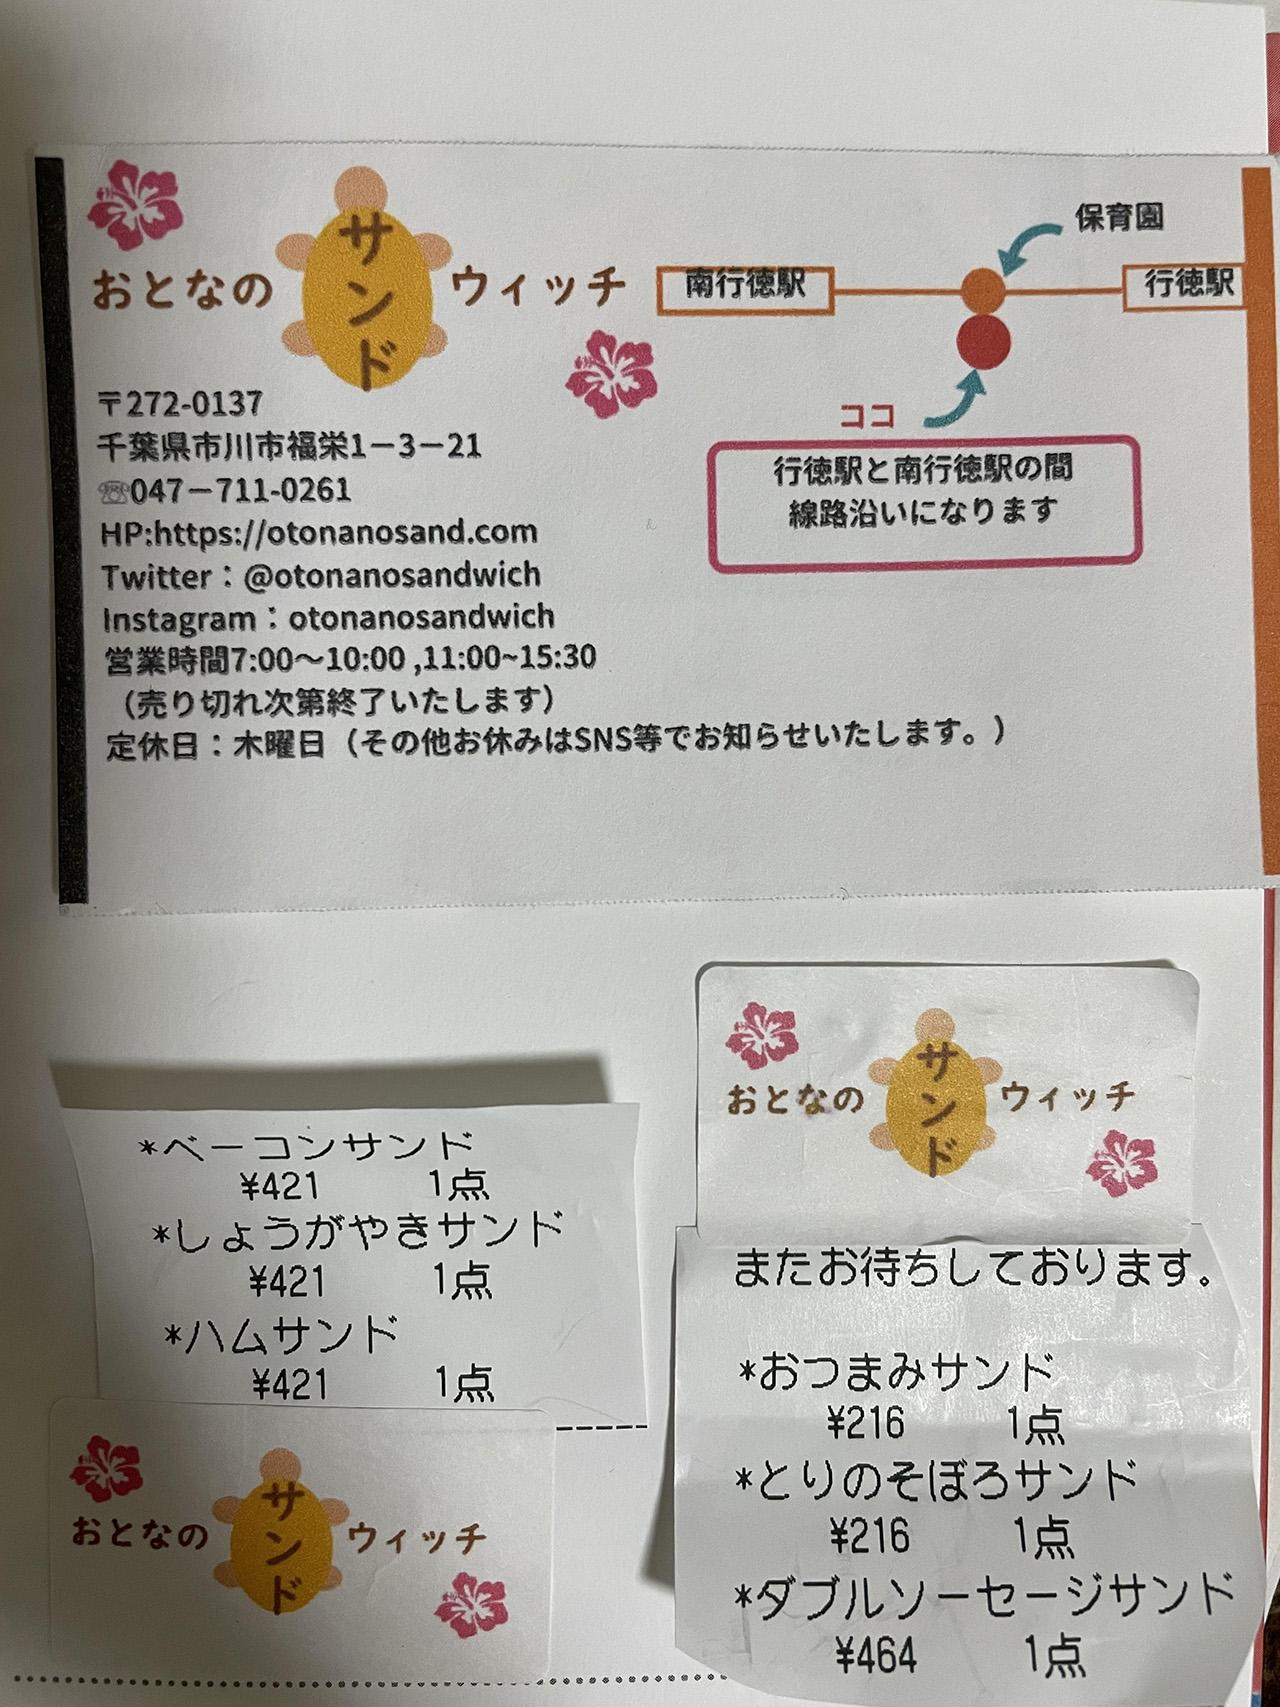 お店の詳細情報の写真